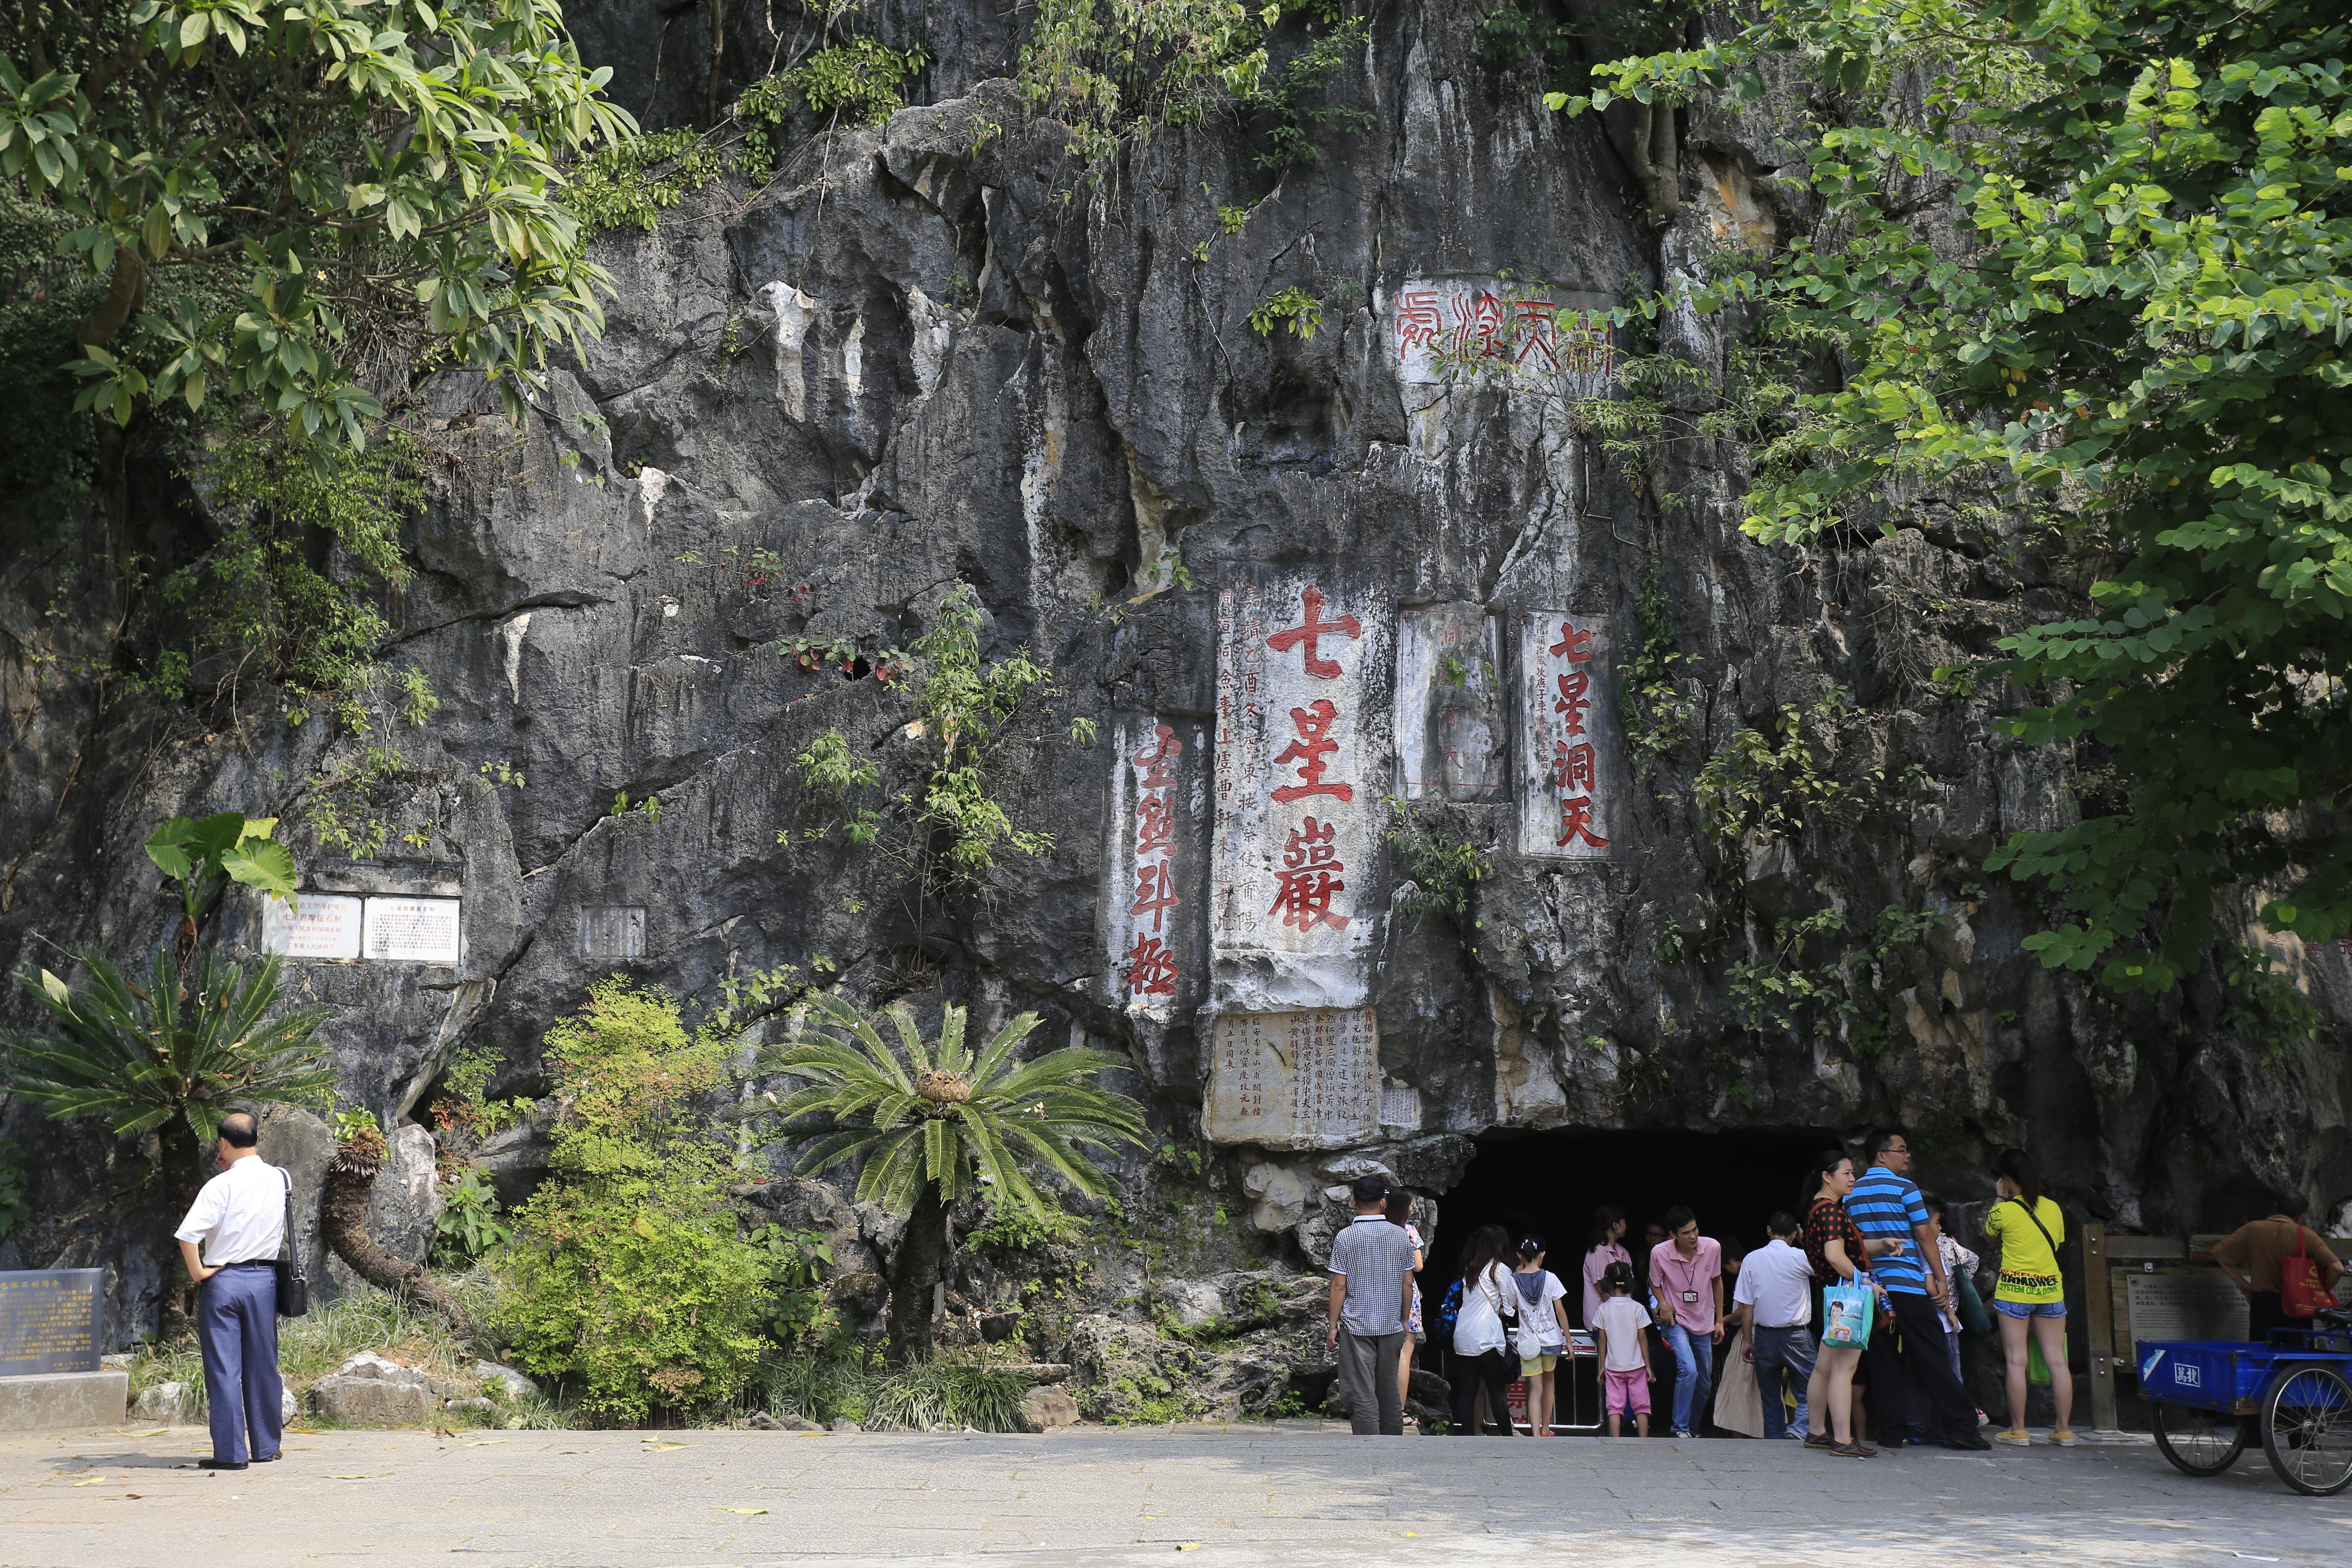 File:Zhaoqing Qixing Yan 2013.10.13 11-56-53.jpg - Wikimedia Commons